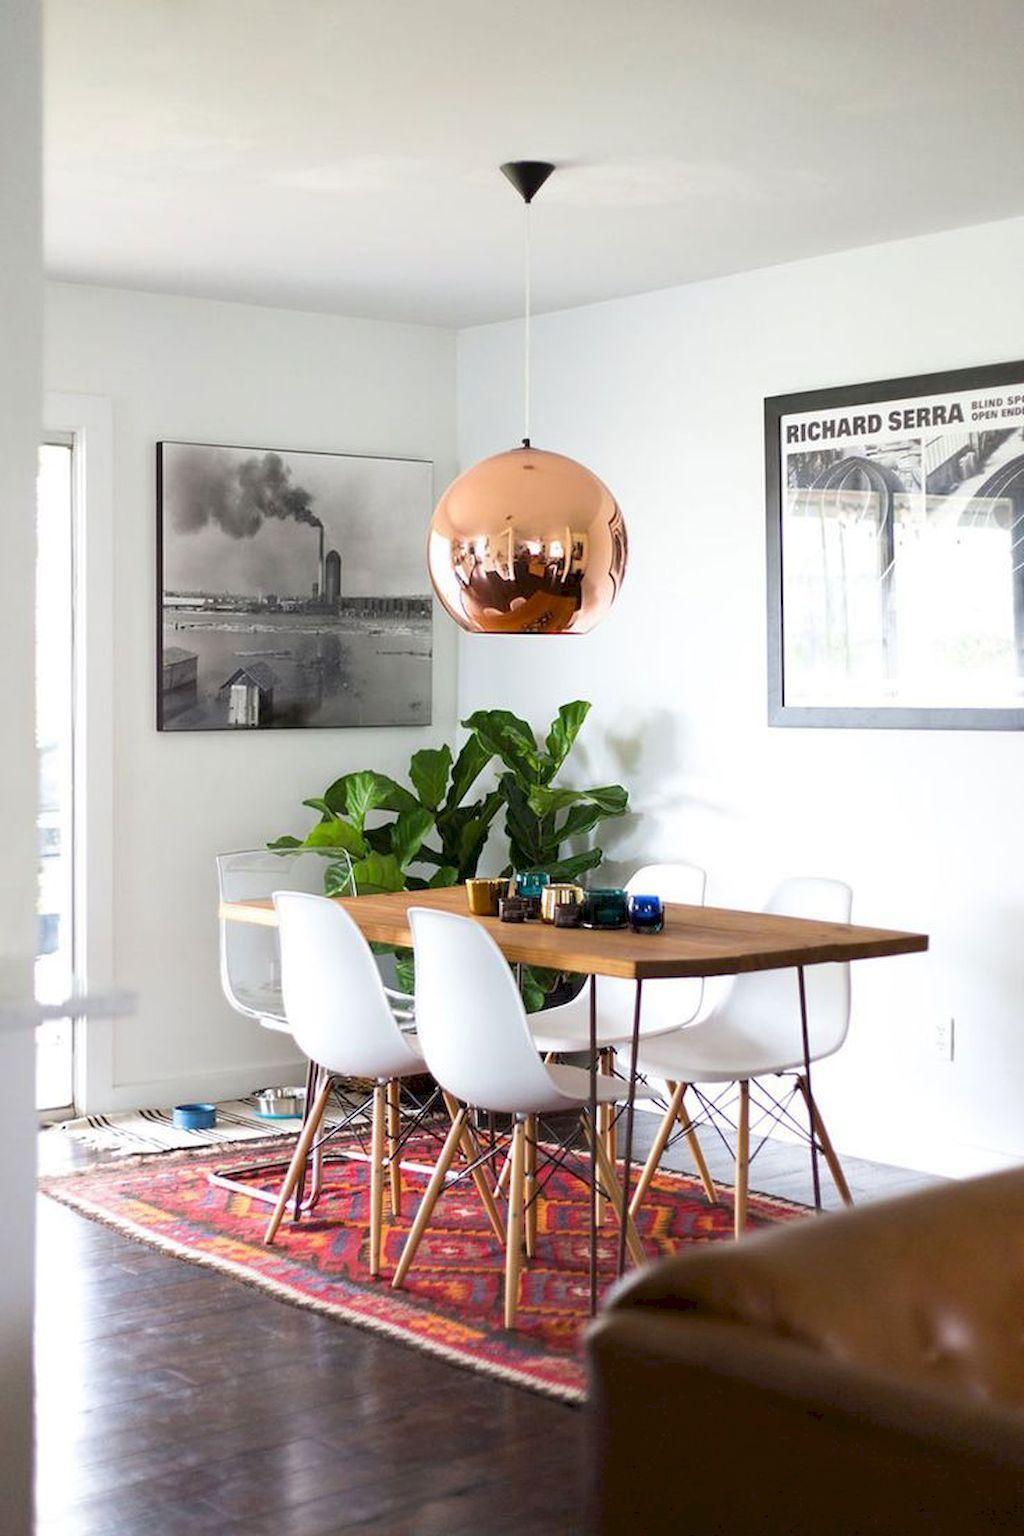 Esstisch ideen einrichten  awesome modern dining room decoration ideas  yes  pinterest